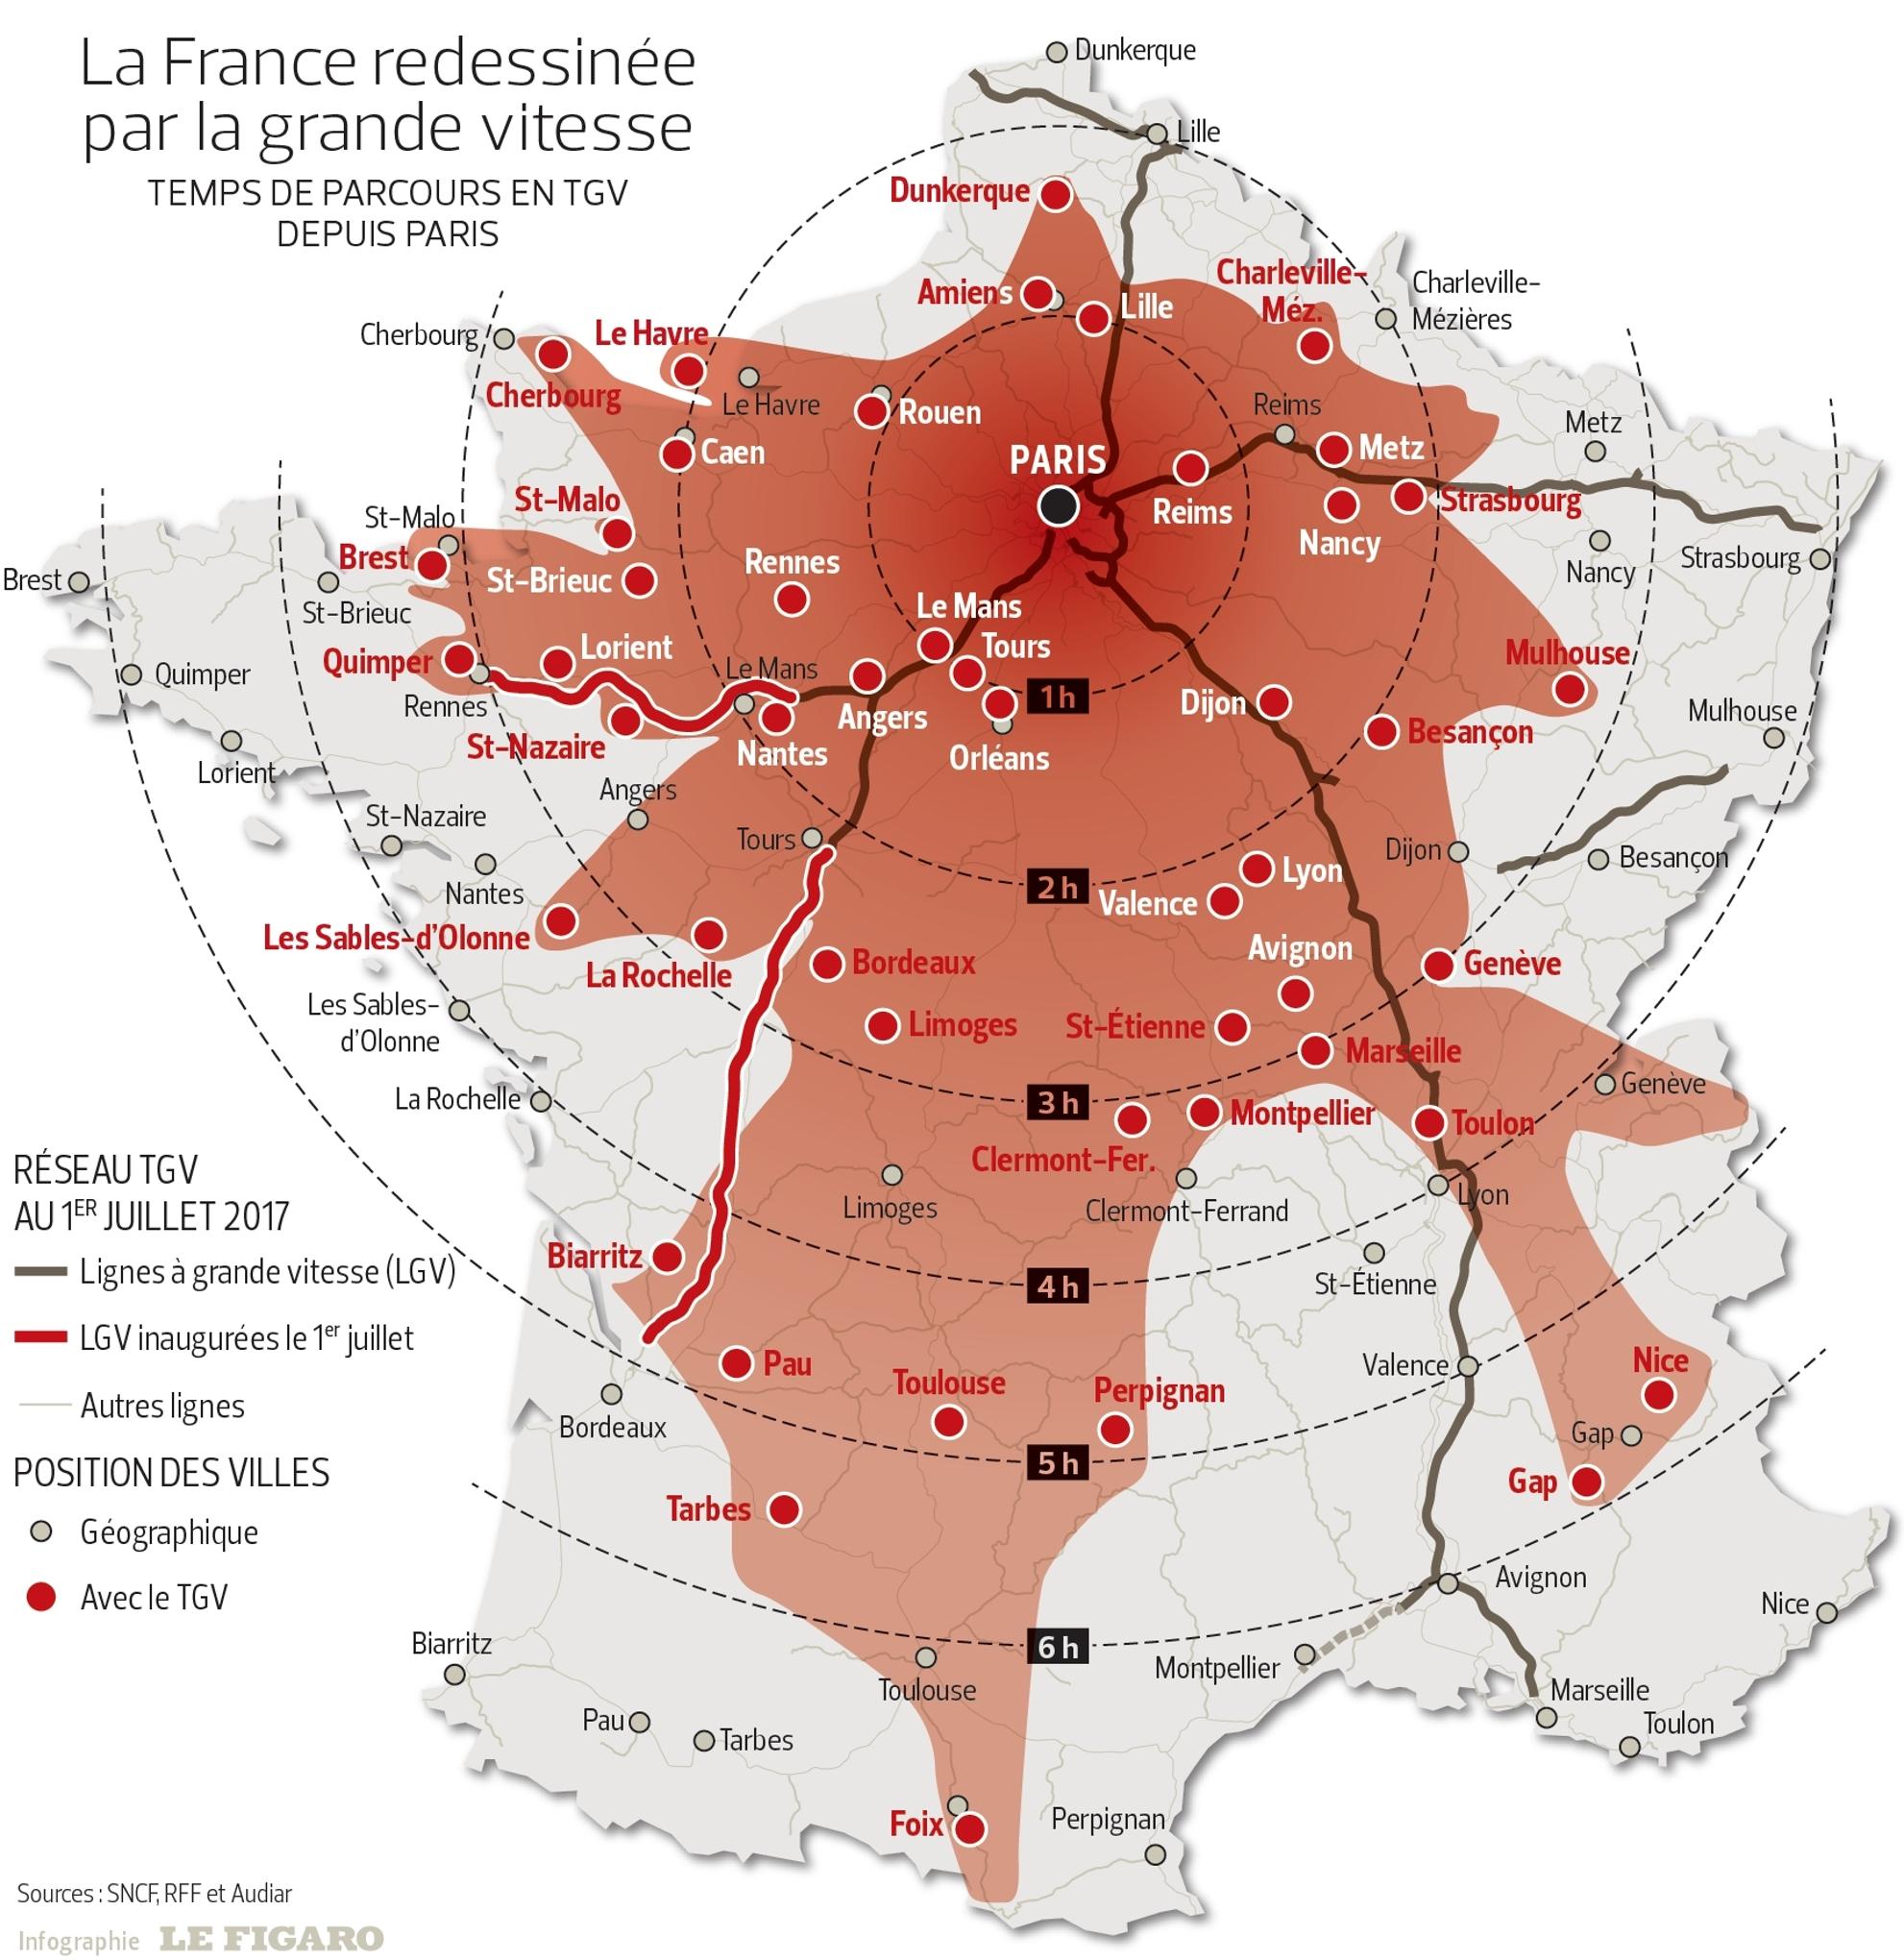 Trajet Avec Villes De Tououse A Paris